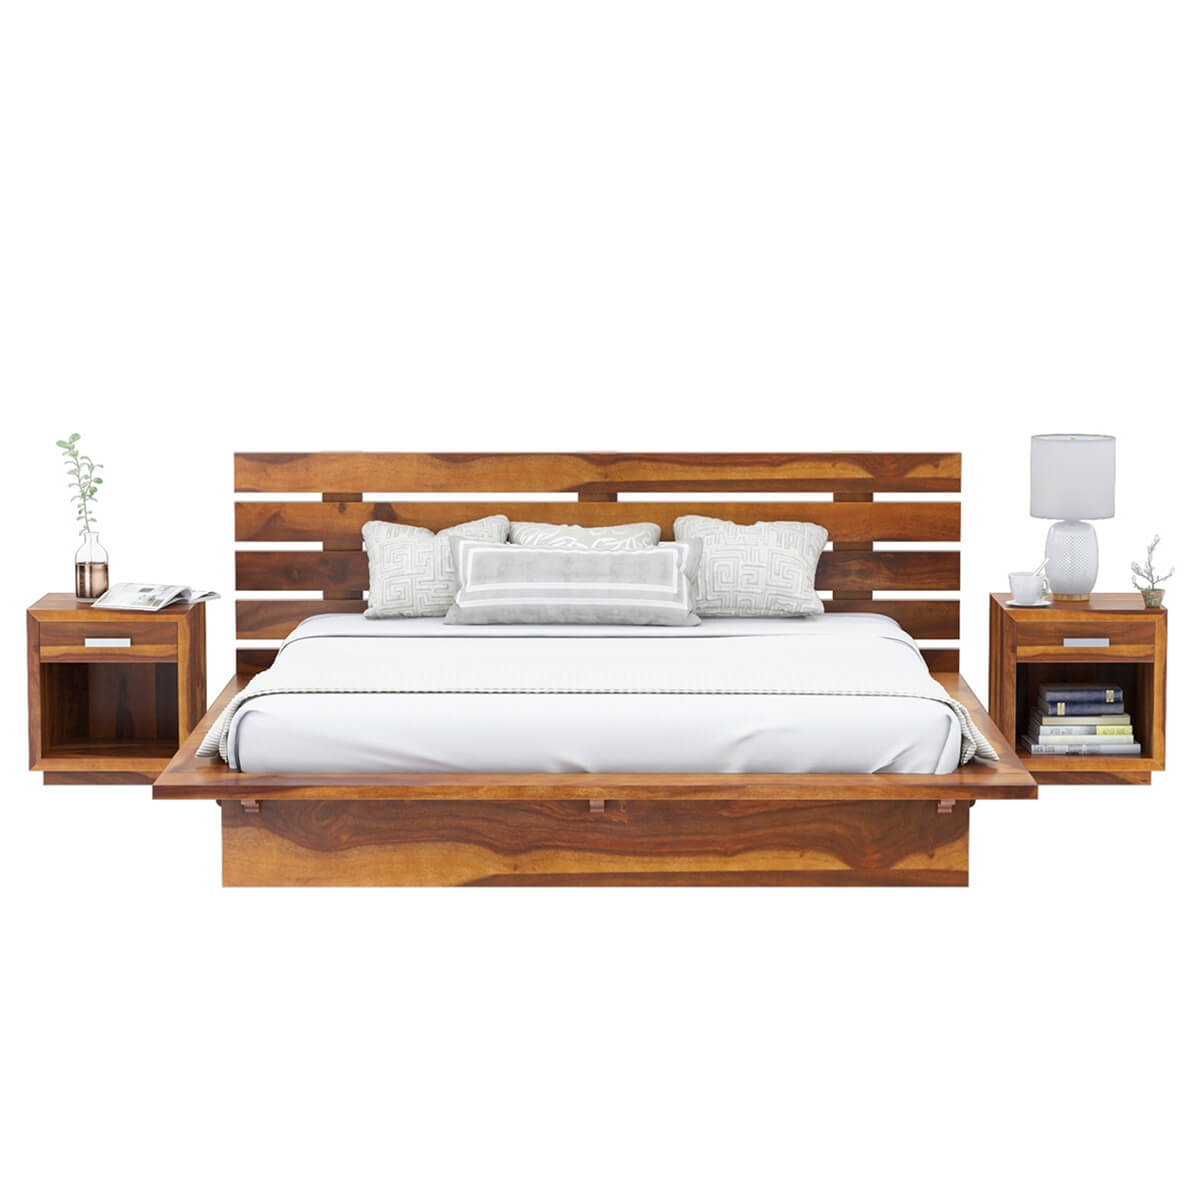 Bedroom Sets Real Wood handcrafted solid wood platform 6pc bedroom set